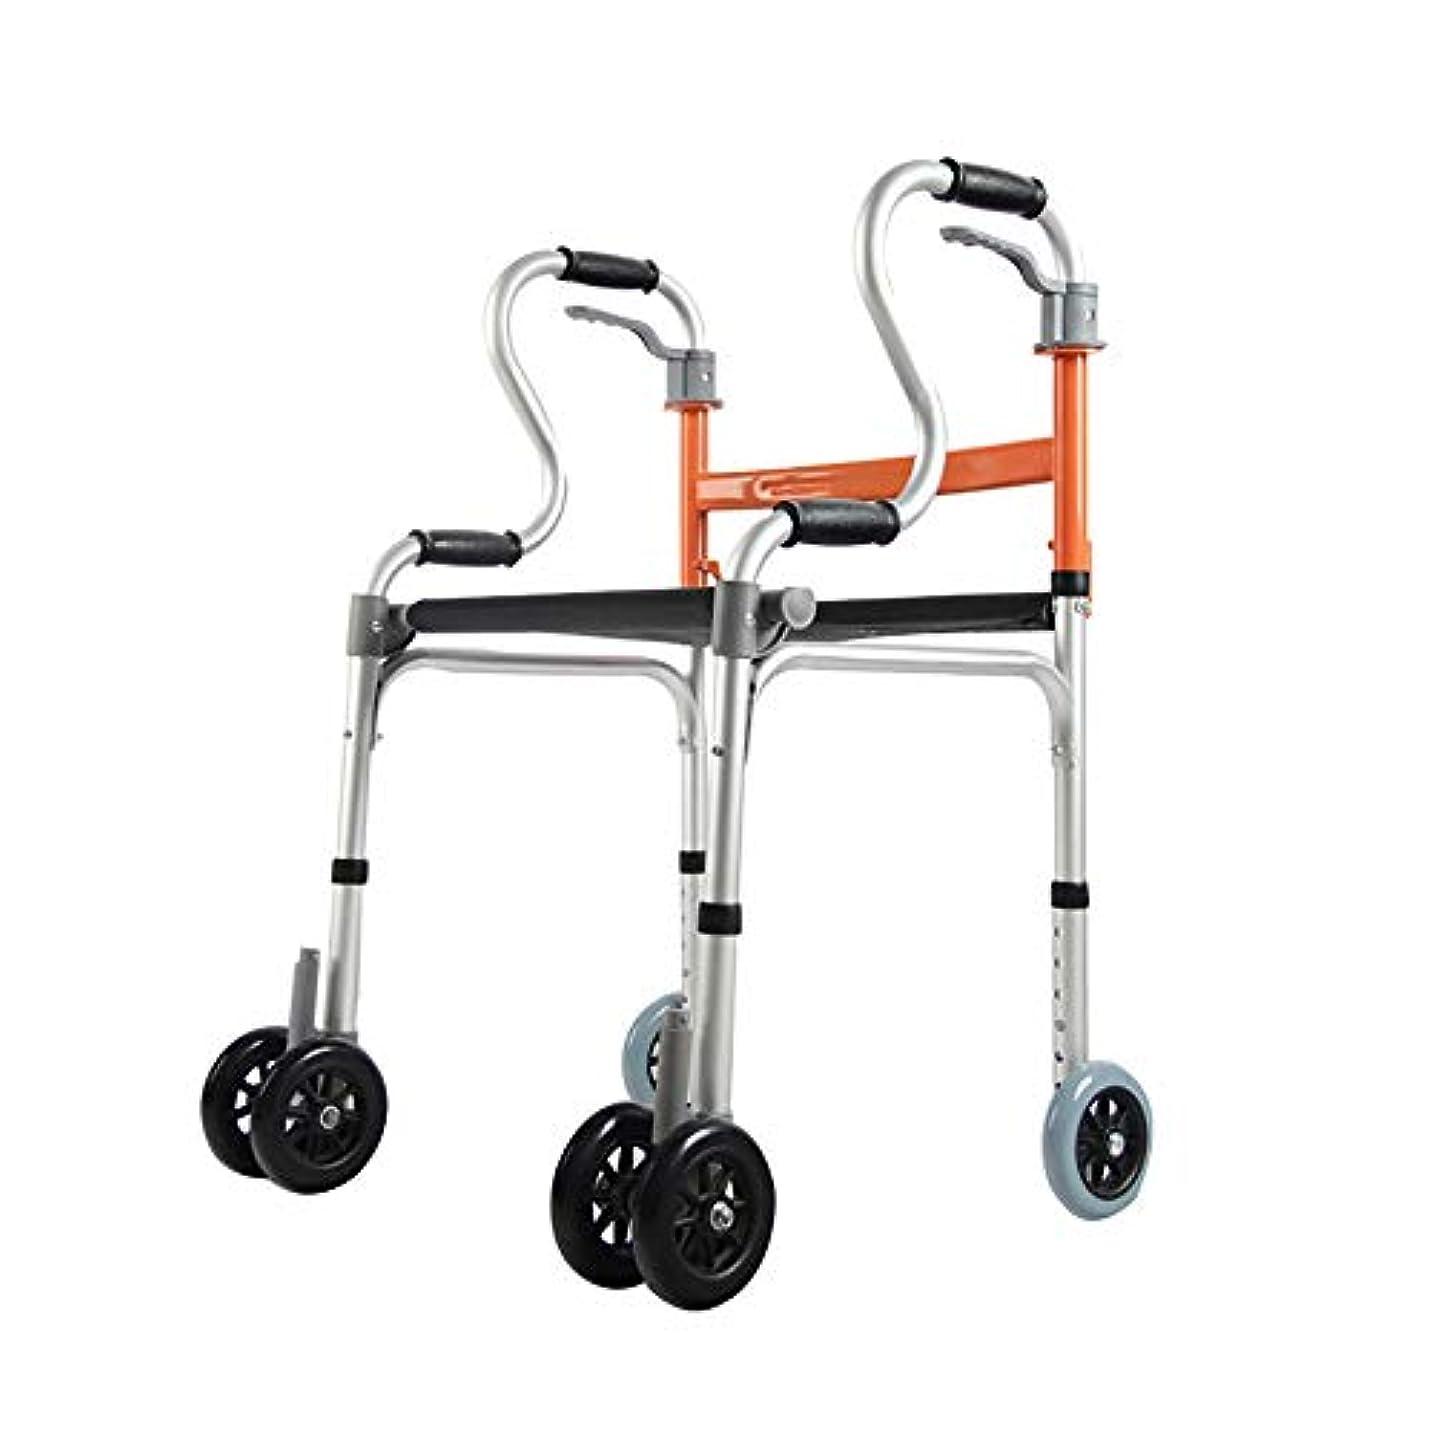 パニック同一性させる6輪折りたたみ補助歩行器、高さ調節可能な軽量の旅行ウォーカー、高齢者のために、障害のある限られた移動性